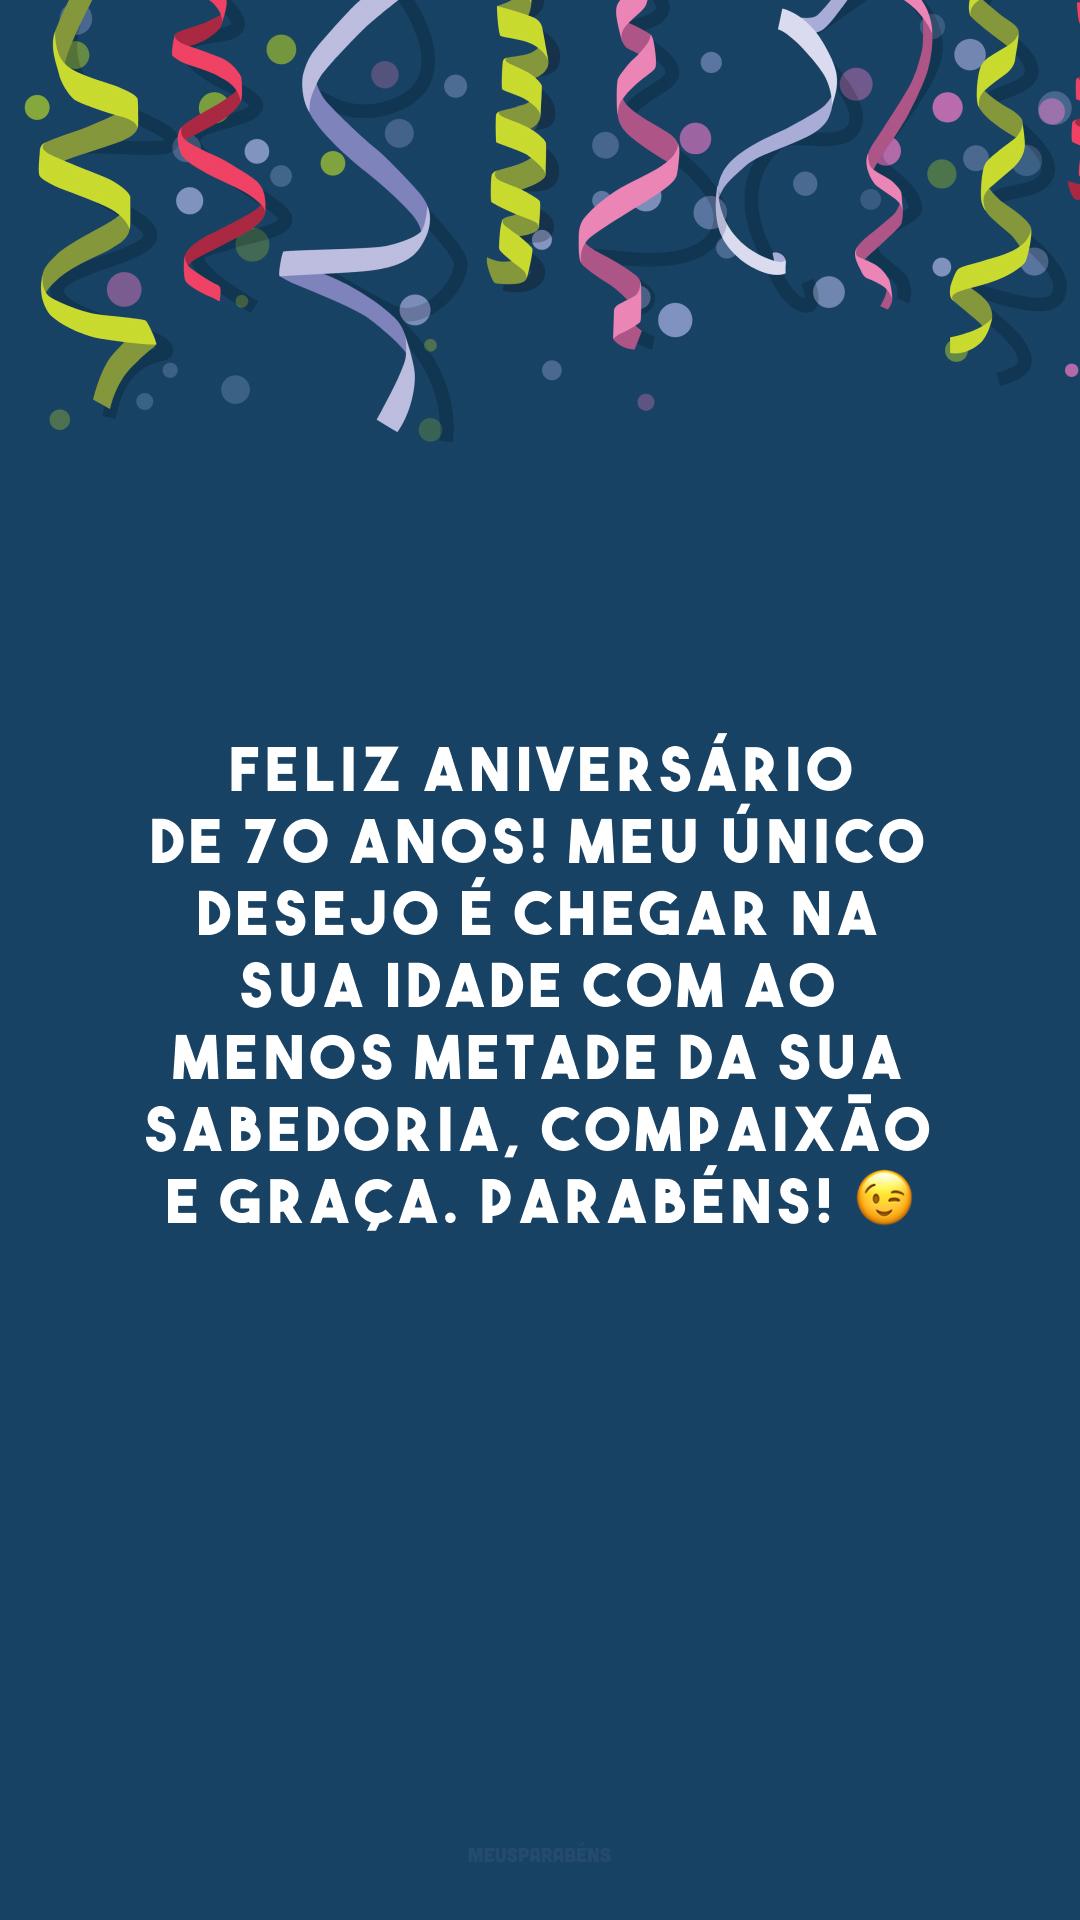 Feliz aniversário de 70 anos! Meu único desejo é chegar na sua idade com ao menos metade da sua sabedoria, compaixão e graça. Parabéns! 😉